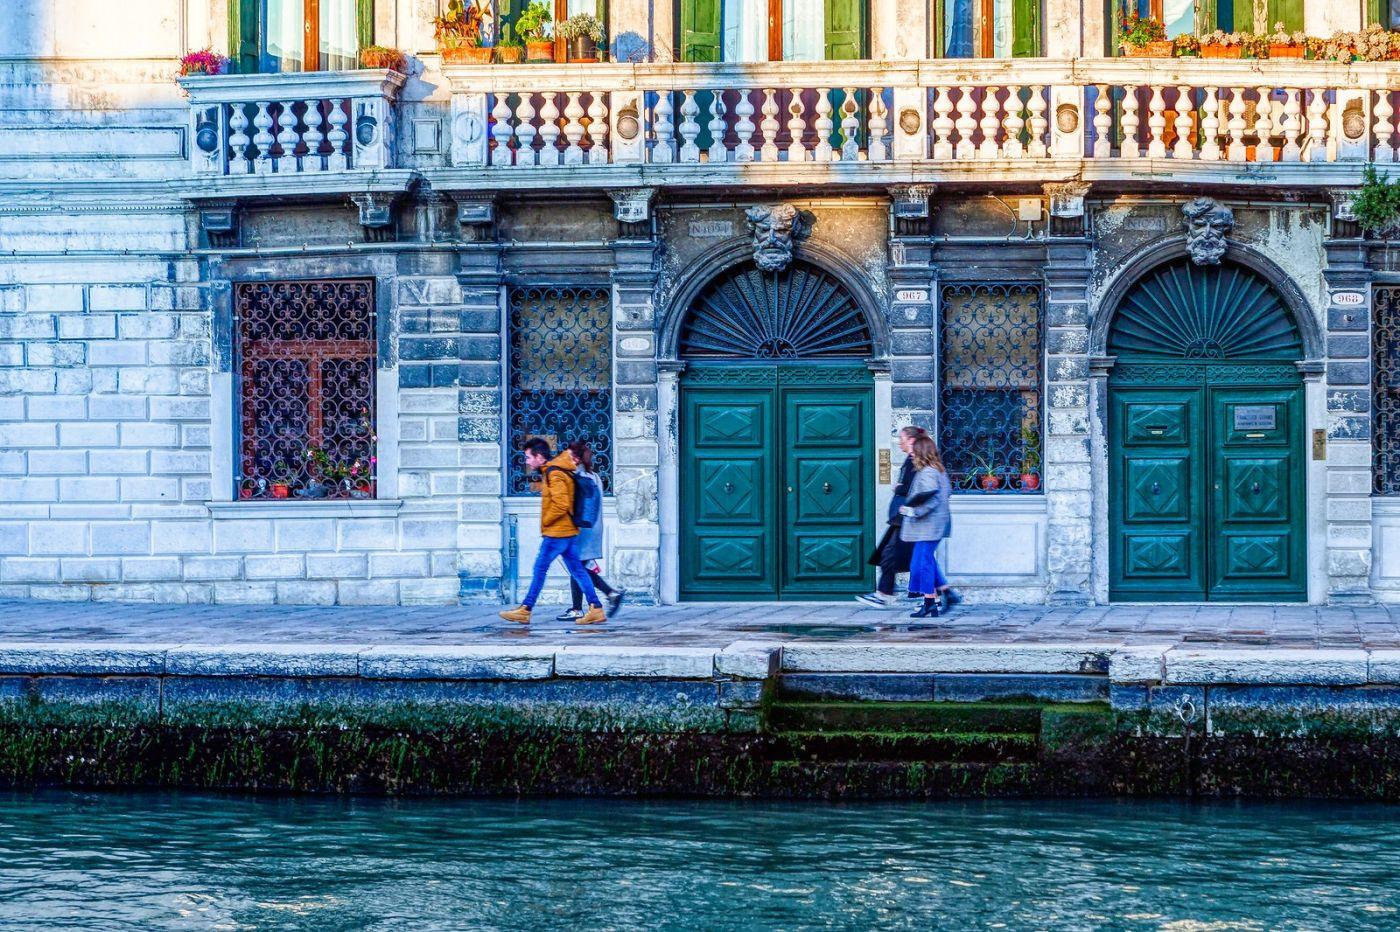 意大利威尼斯,水边建筑_图1-27